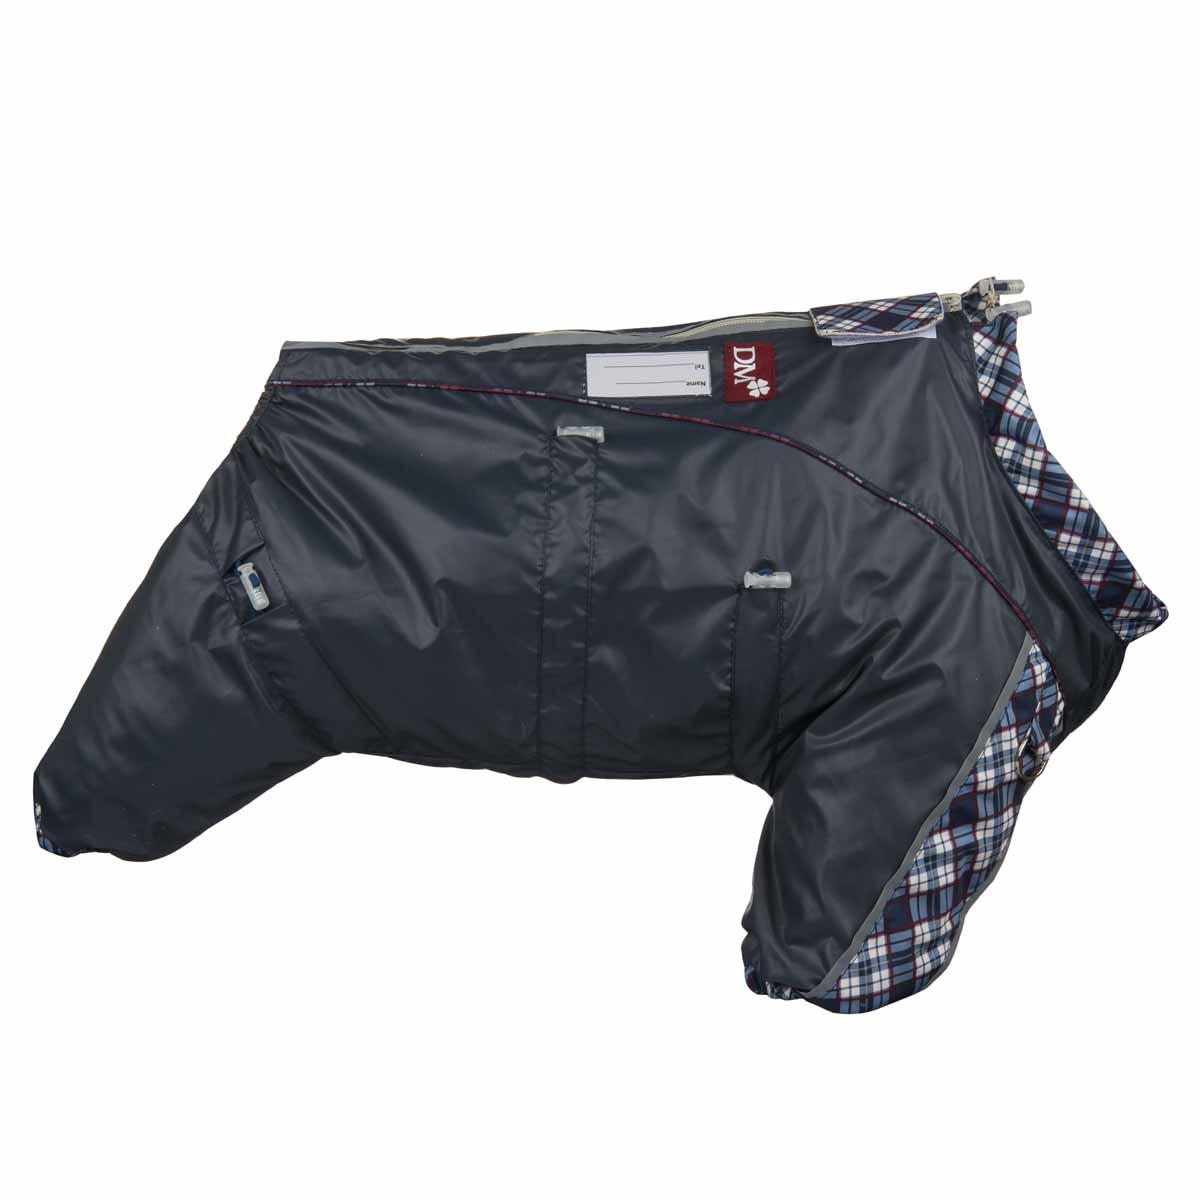 Комбинезон для собак Dogmoda DOGGS с подкладкой, для мальчика, цвет: №70 серо-синий